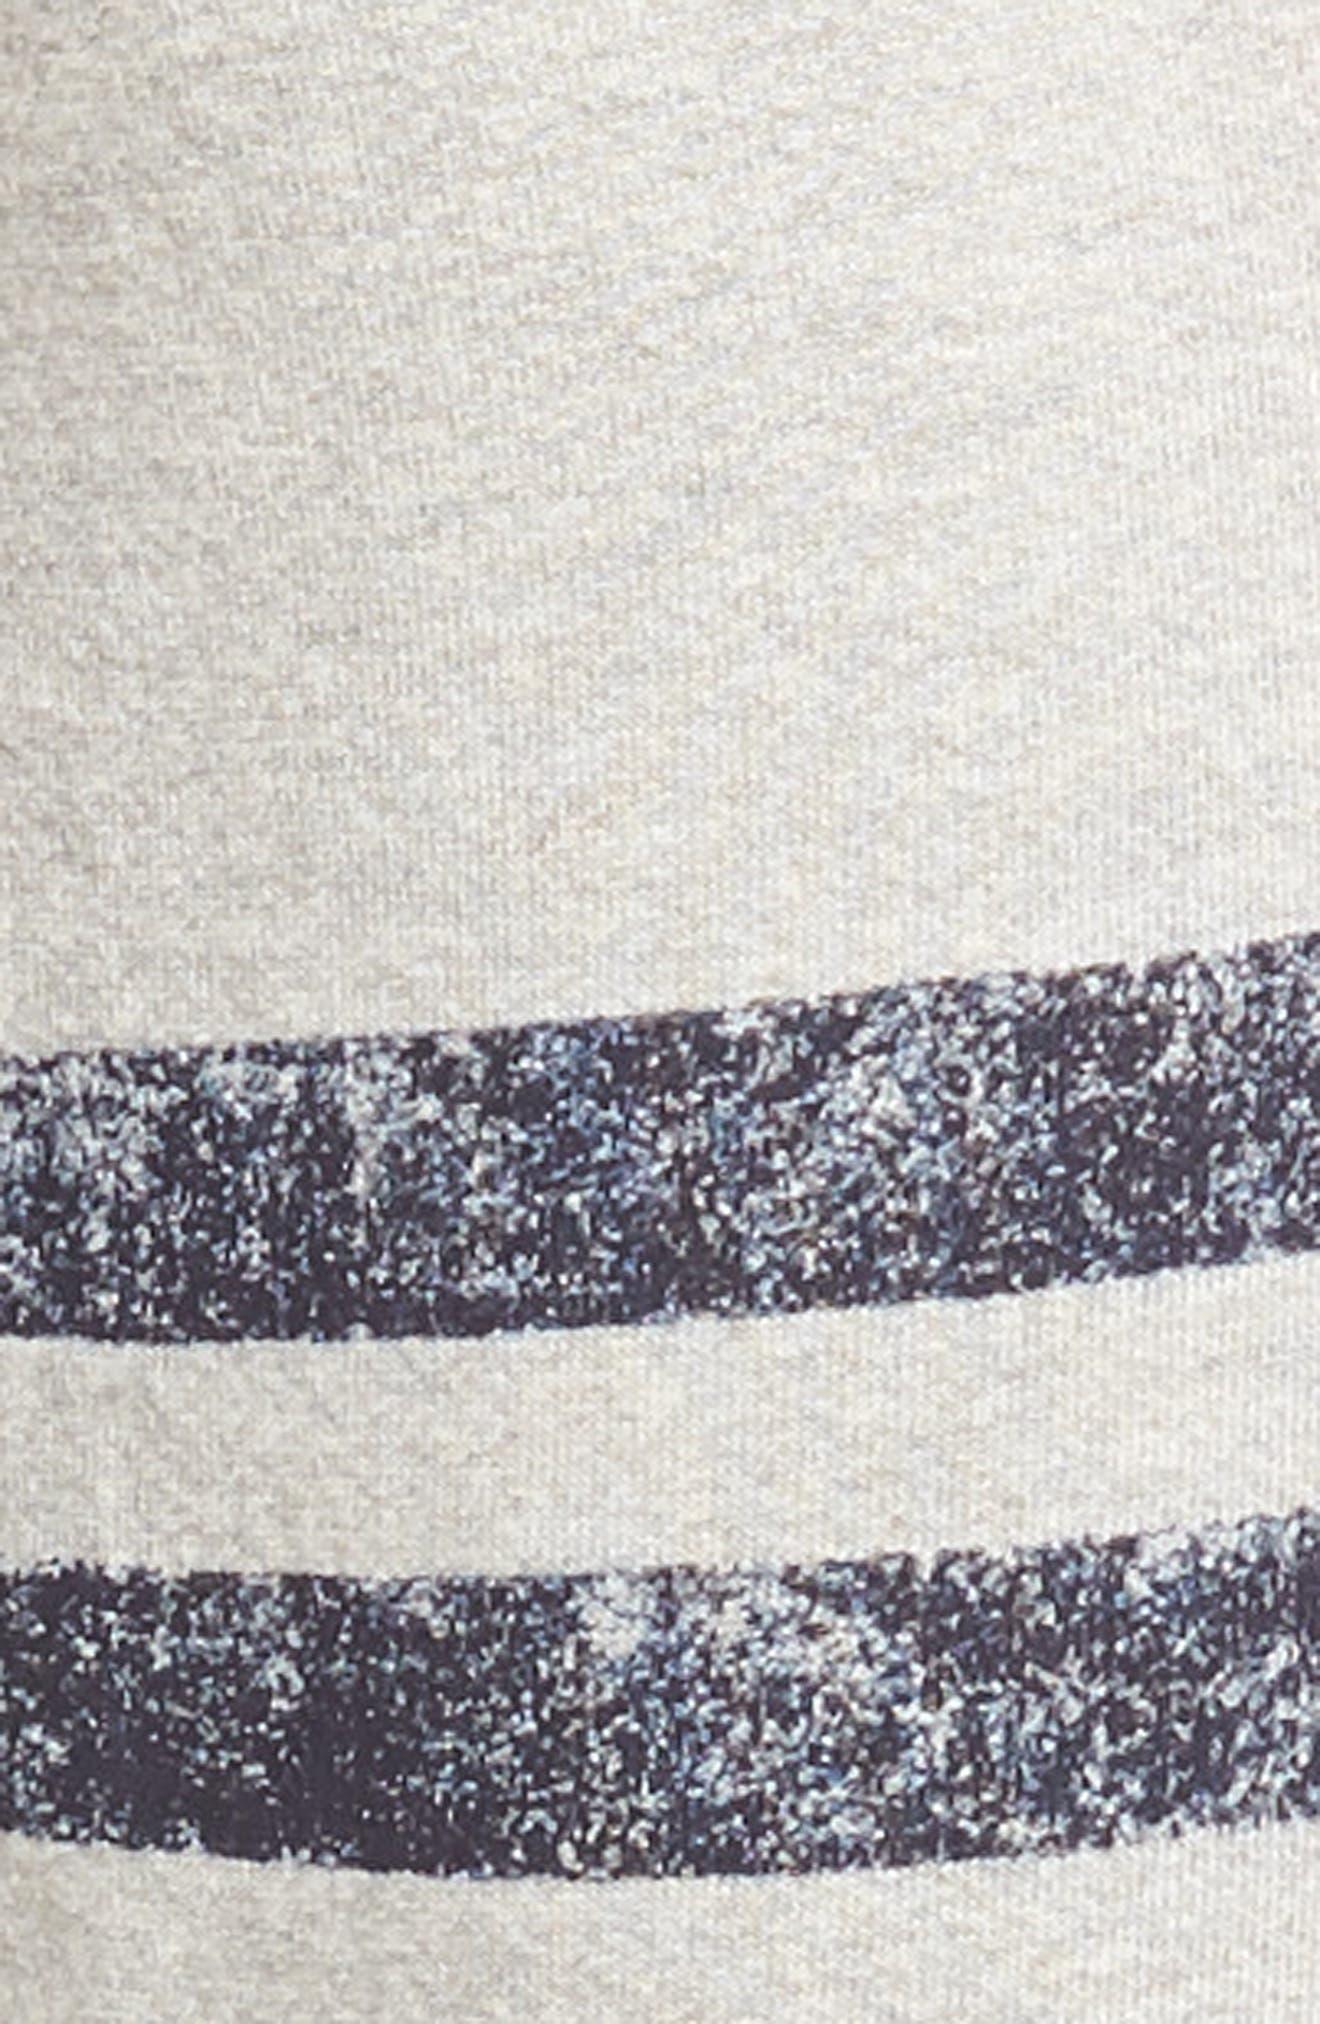 Stripe Yoga Pants,                             Alternate thumbnail 5, color,                             001